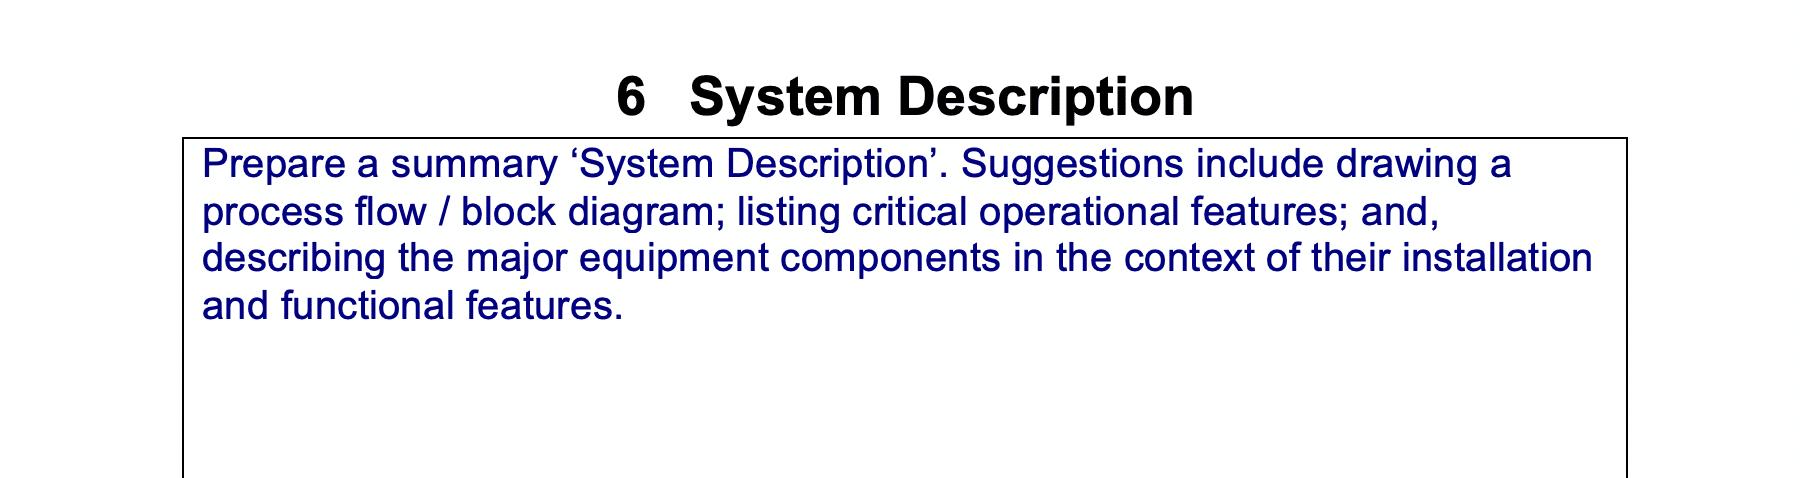 System Description GetReskilled